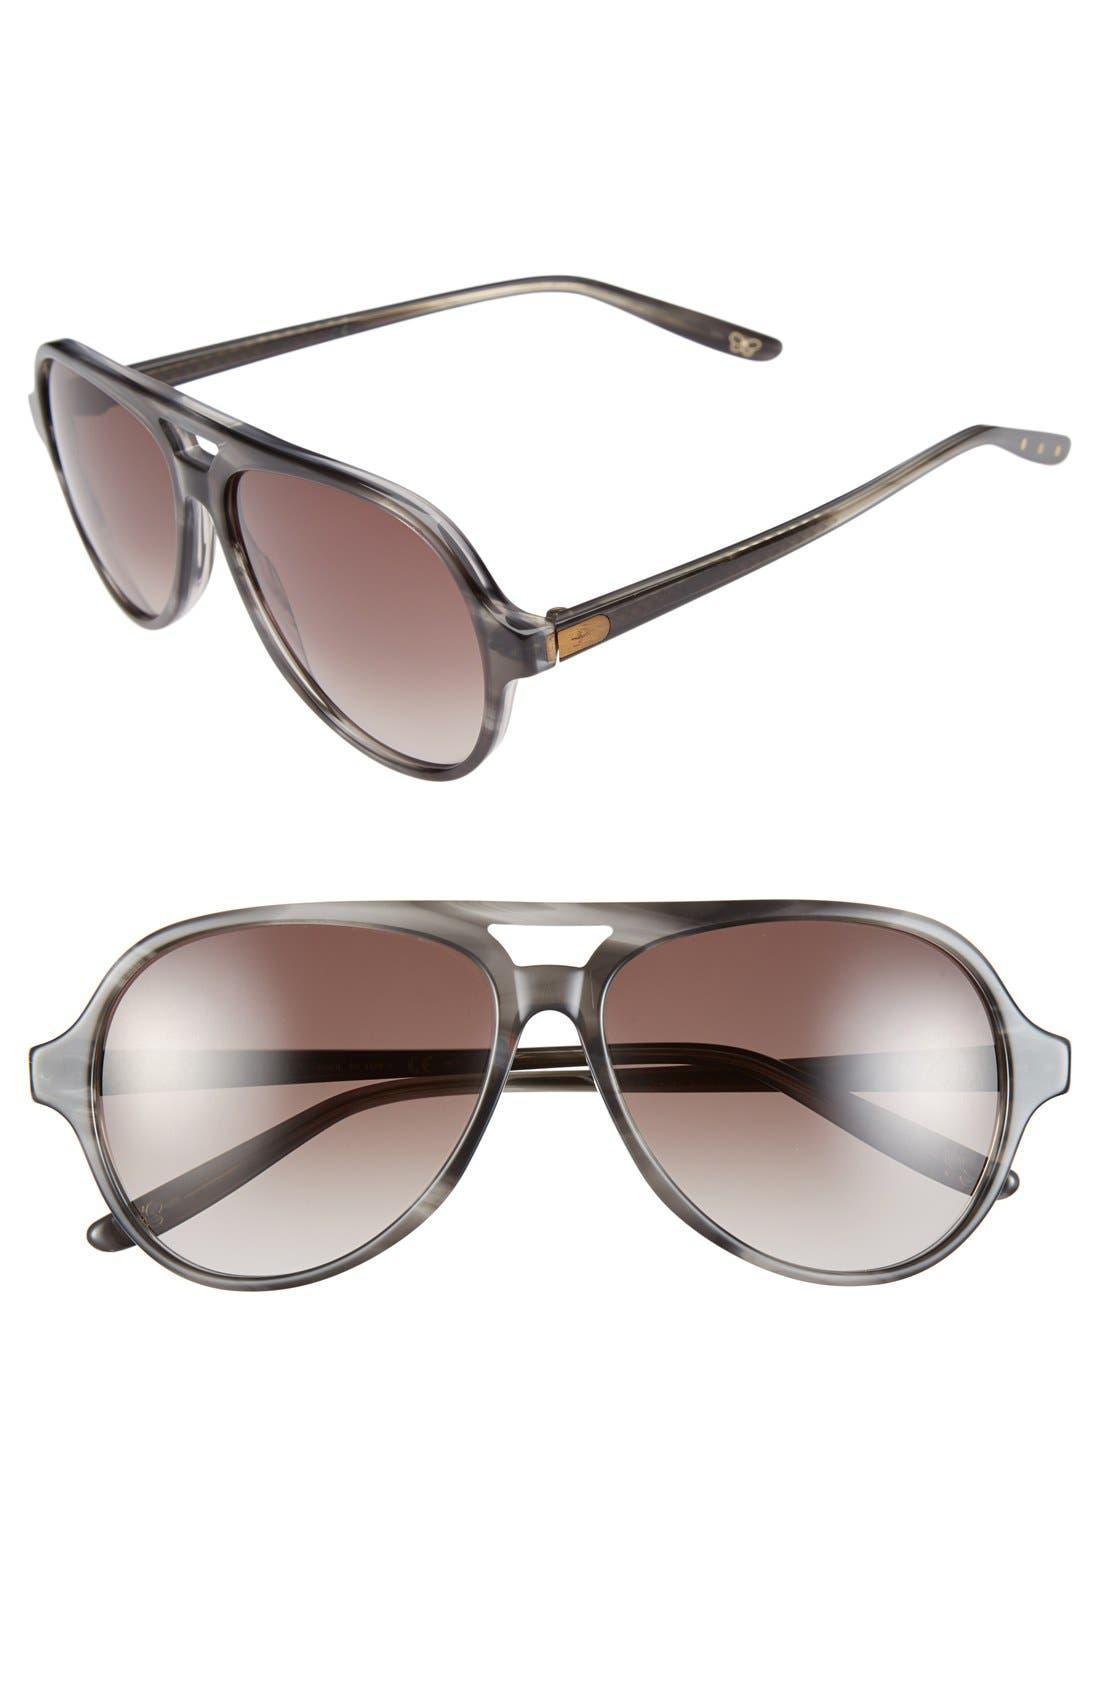 Main Image - Bottega Venata 57mm Aviator Sunglasses